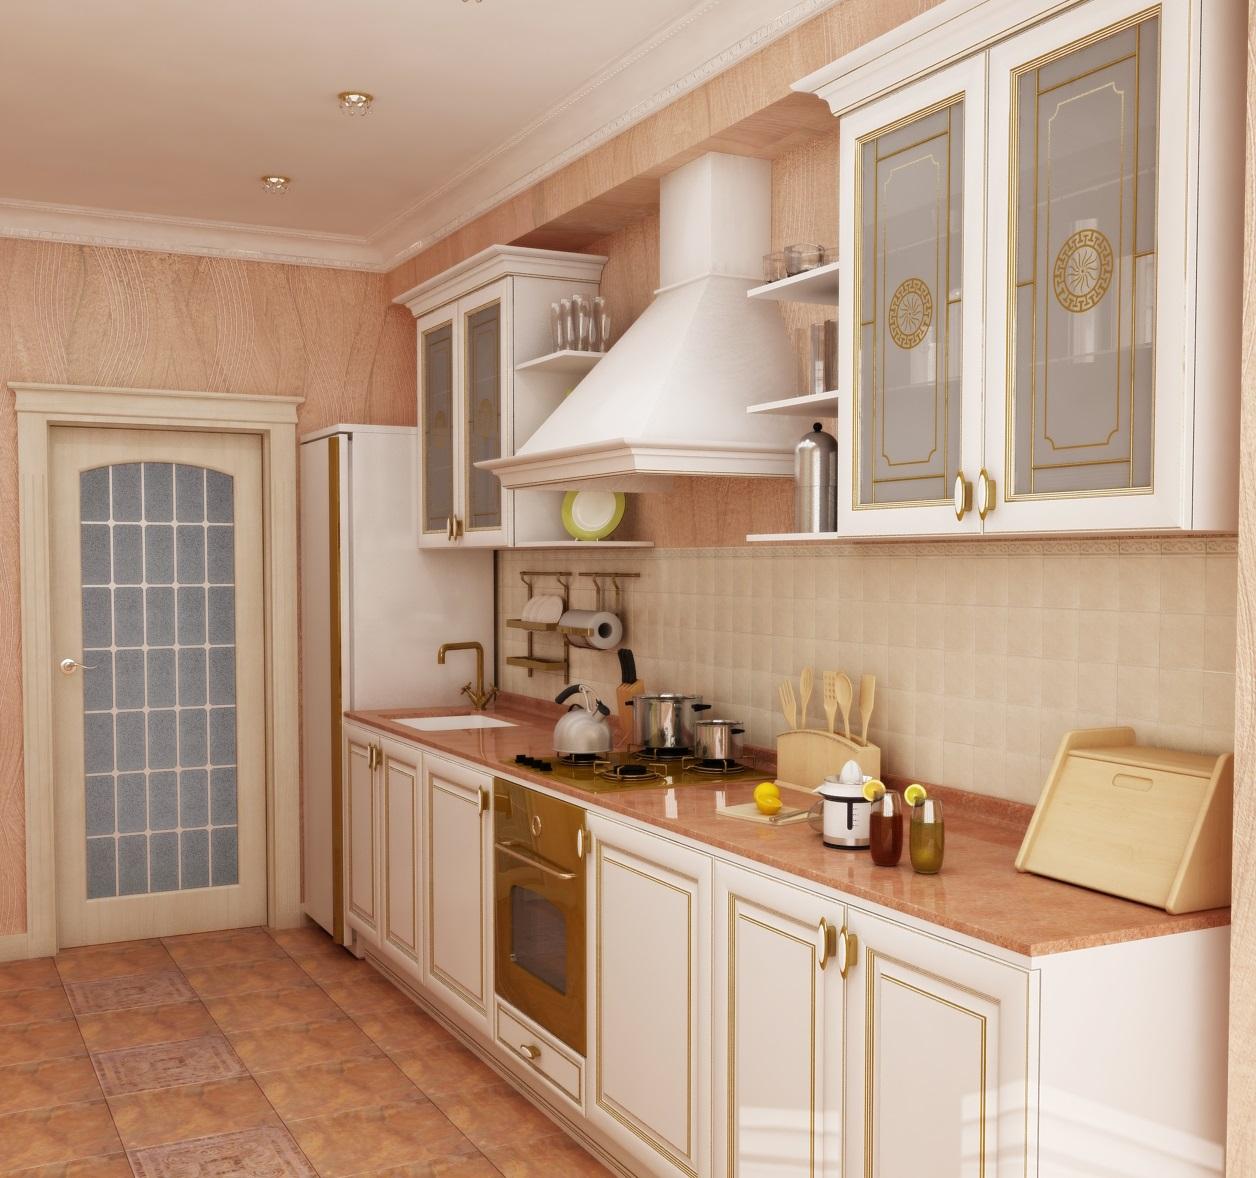 Дизайн кухни в стиле Прованс 39 фото: как оформить